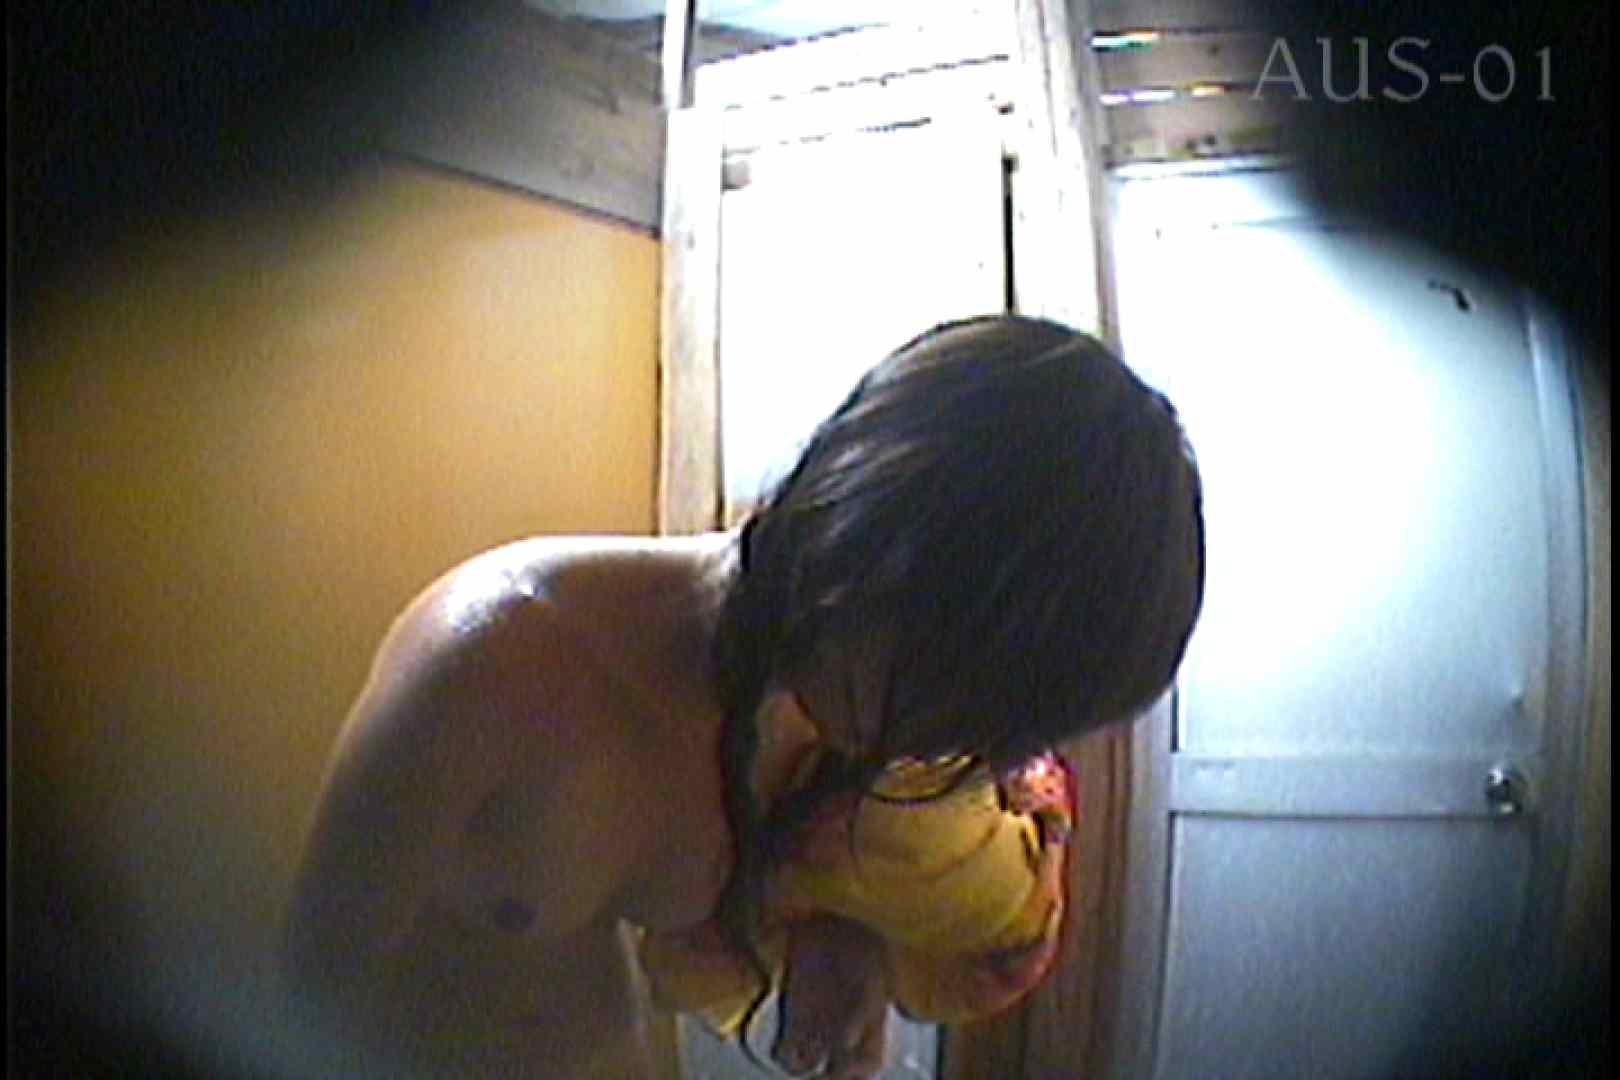 海の家の更衣室 Vol.01 シャワー オメコ動画キャプチャ 104枚 62